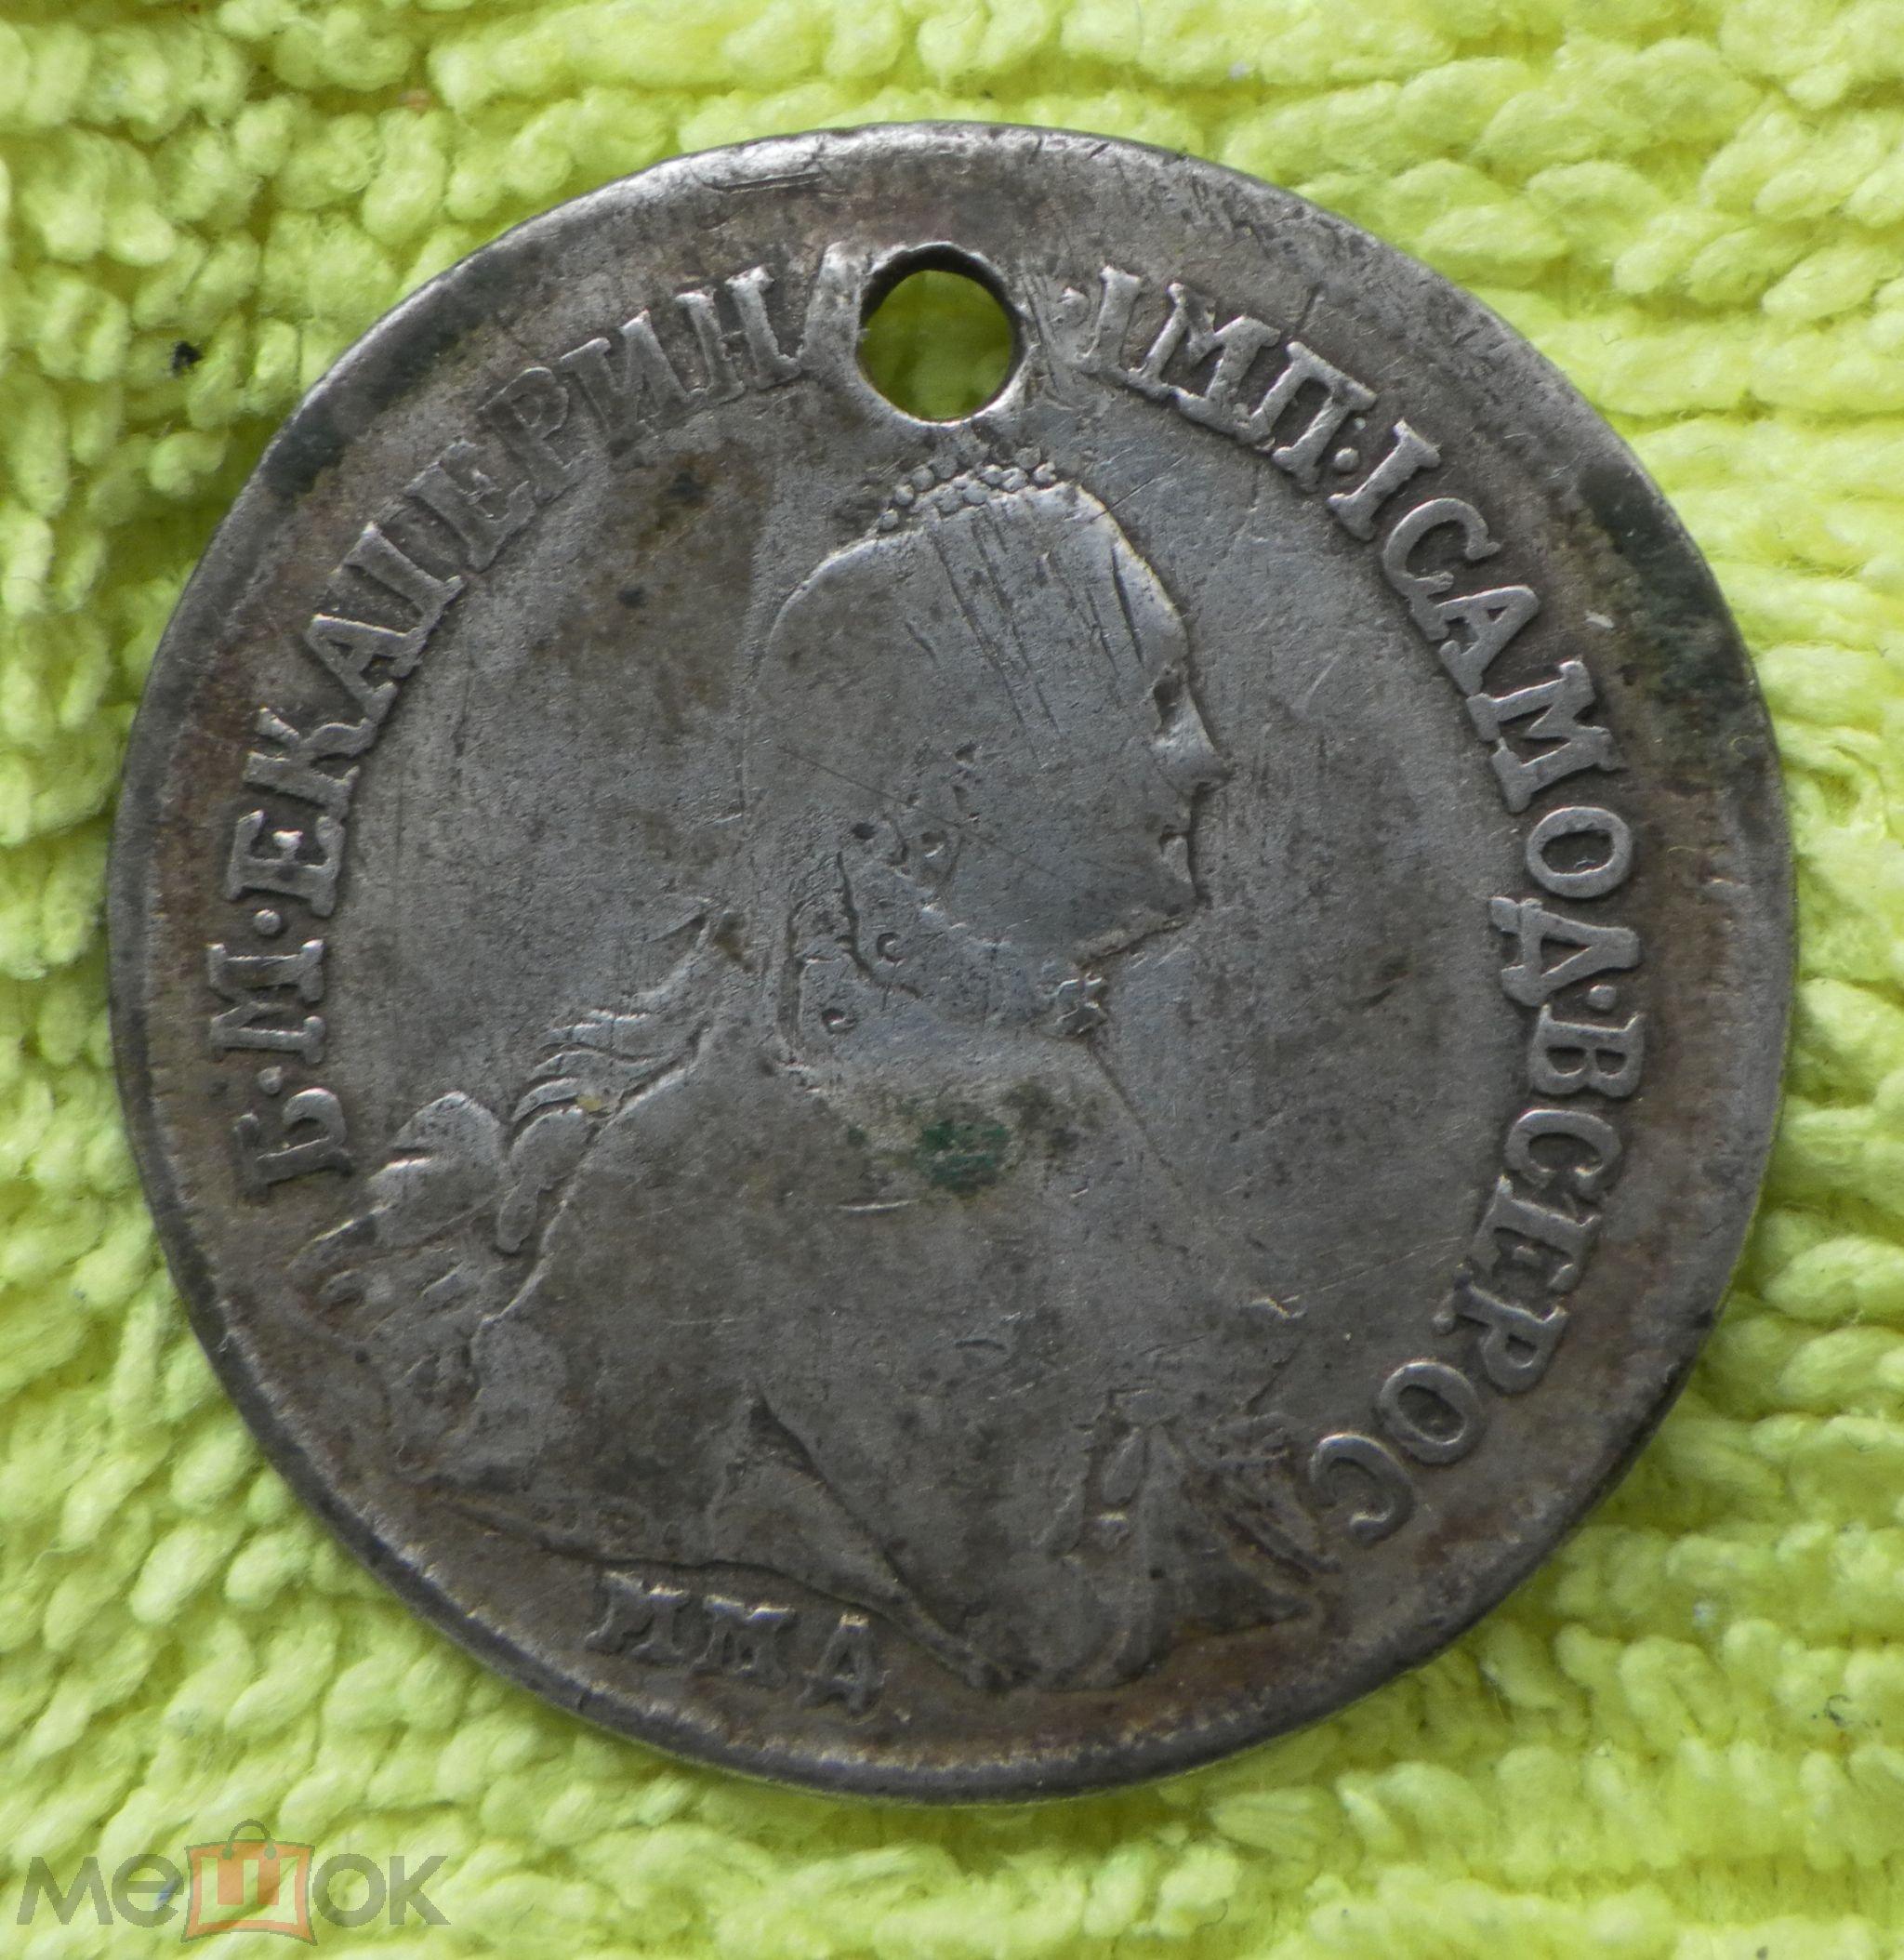 ОРИГИНАЛЬНЫЙ ПОДЛИННЫЙ ПОЛТИННИК СЕРЕБРО 1764 РОССИЙСКАЯ ИМПЕРИЯ ЕКАТЕРИНА II С РУБЛЯ